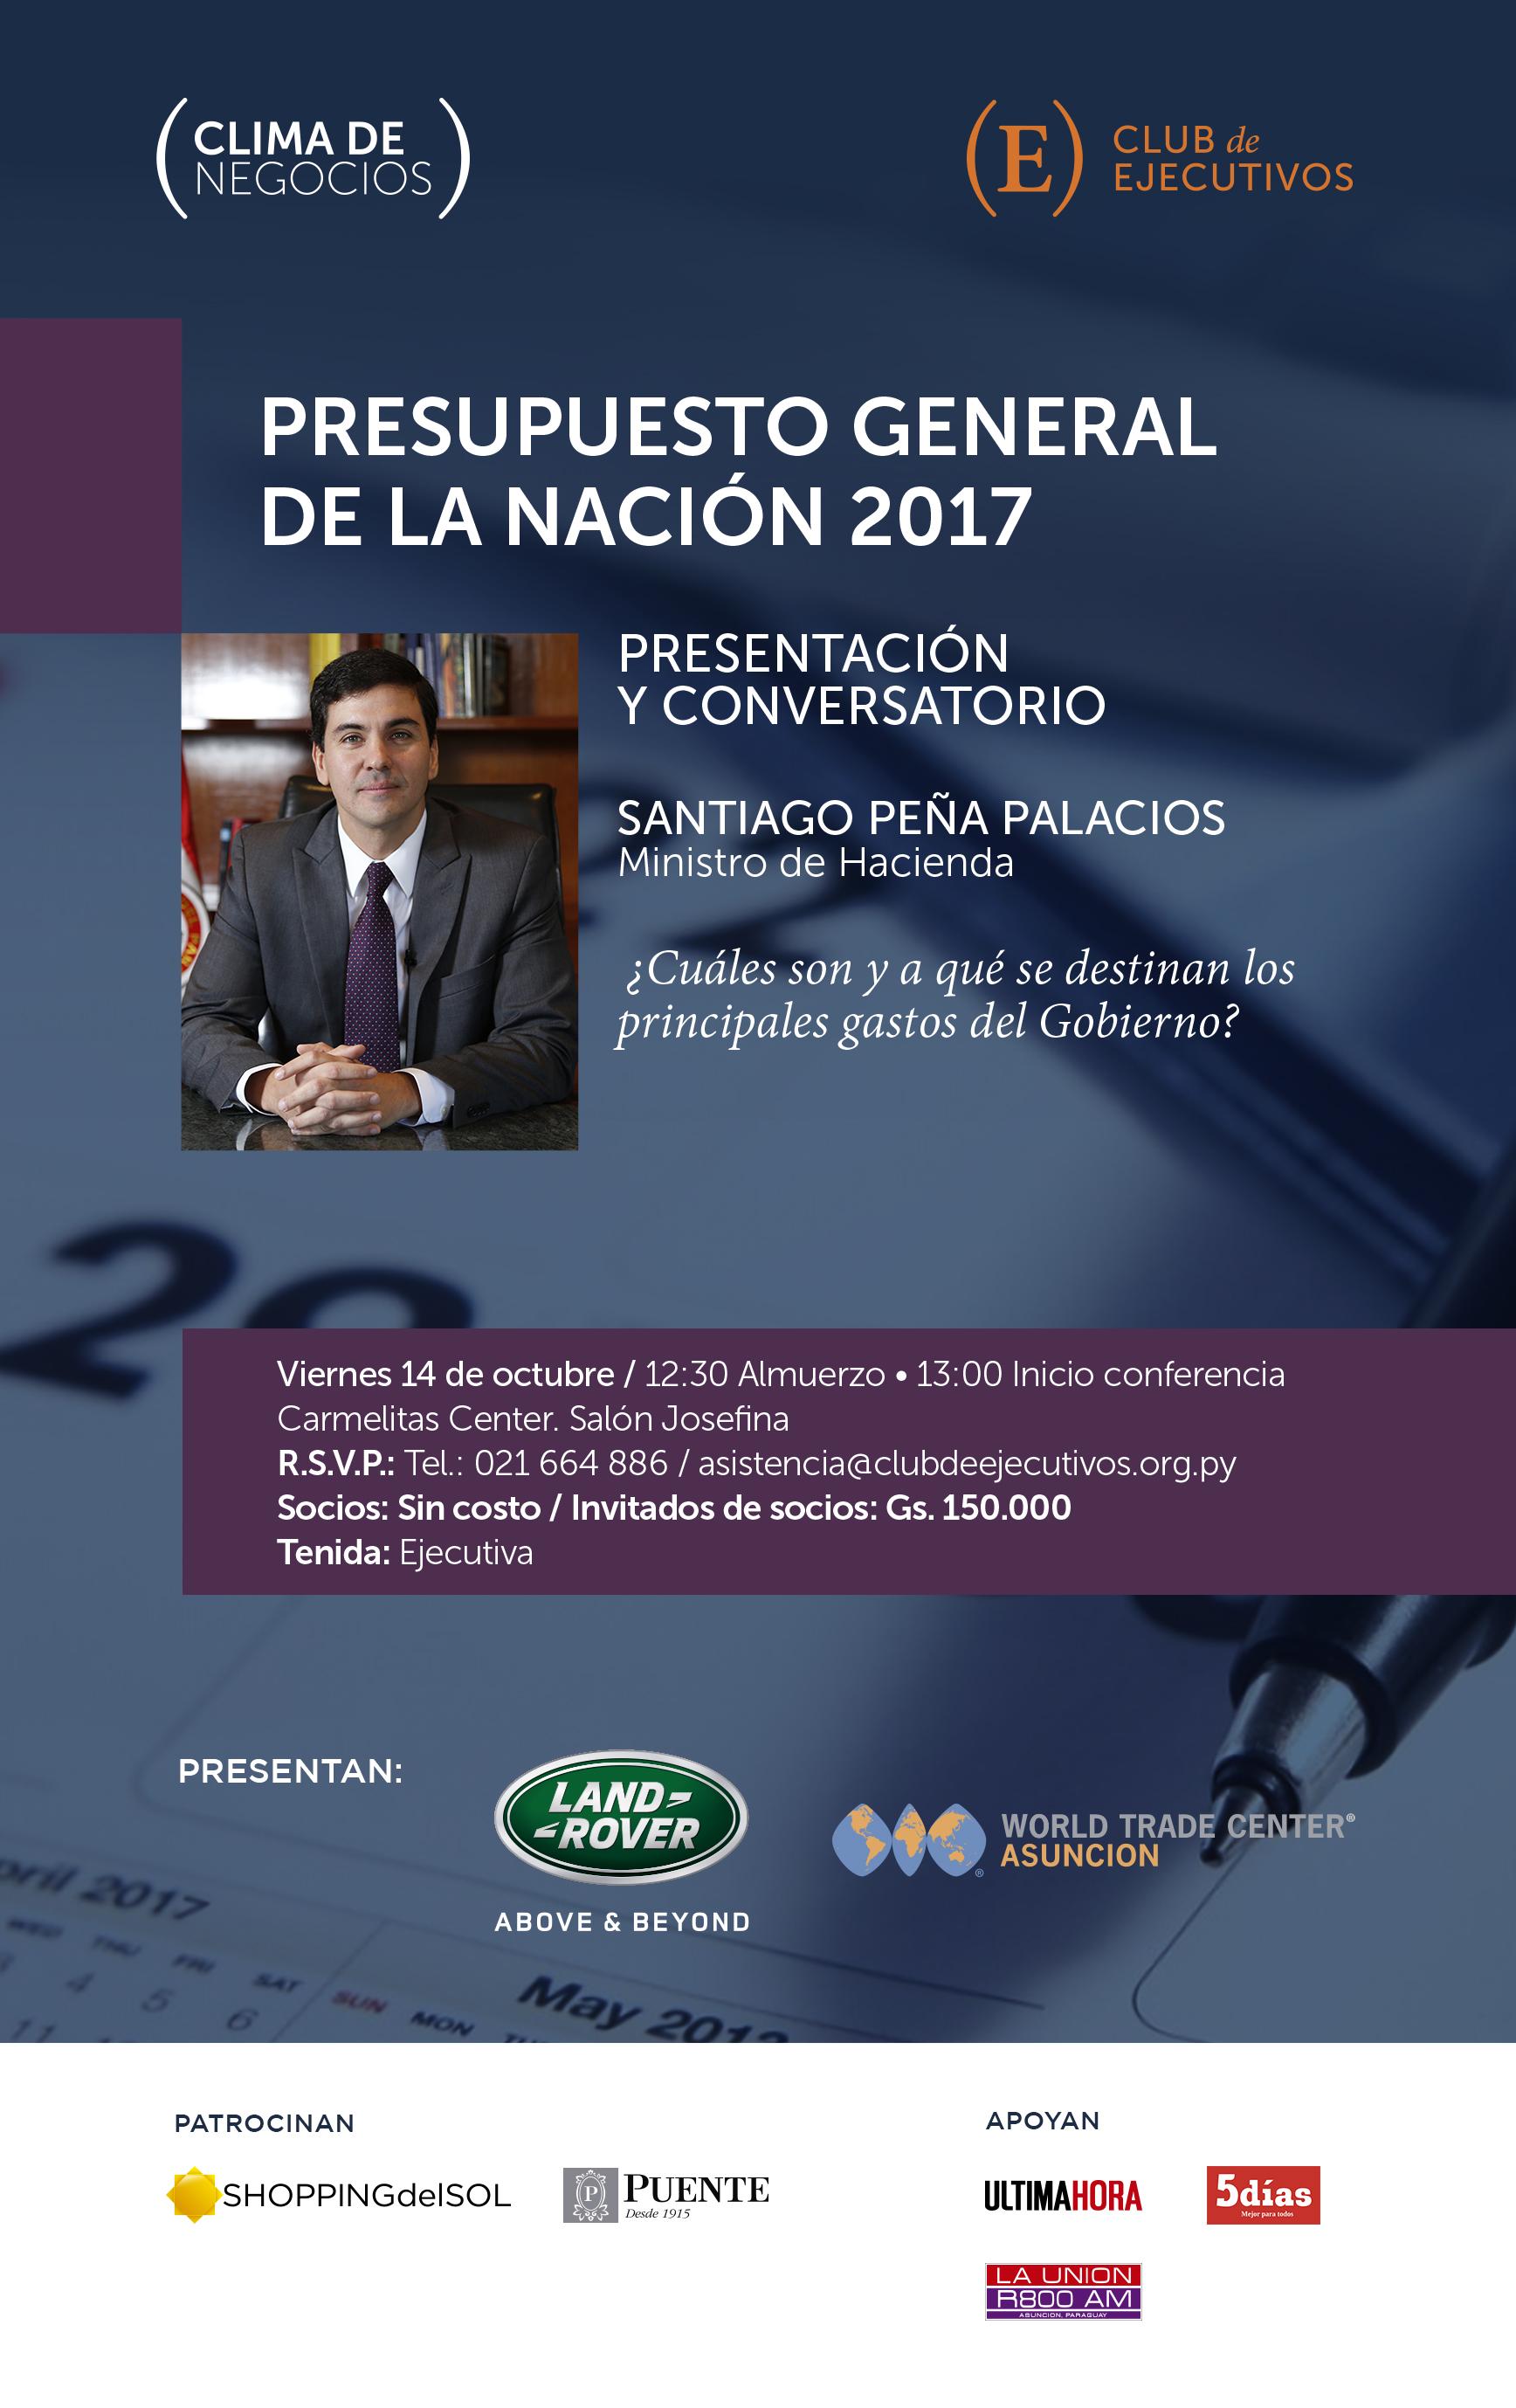 presupuesto_general_de_la_nacion